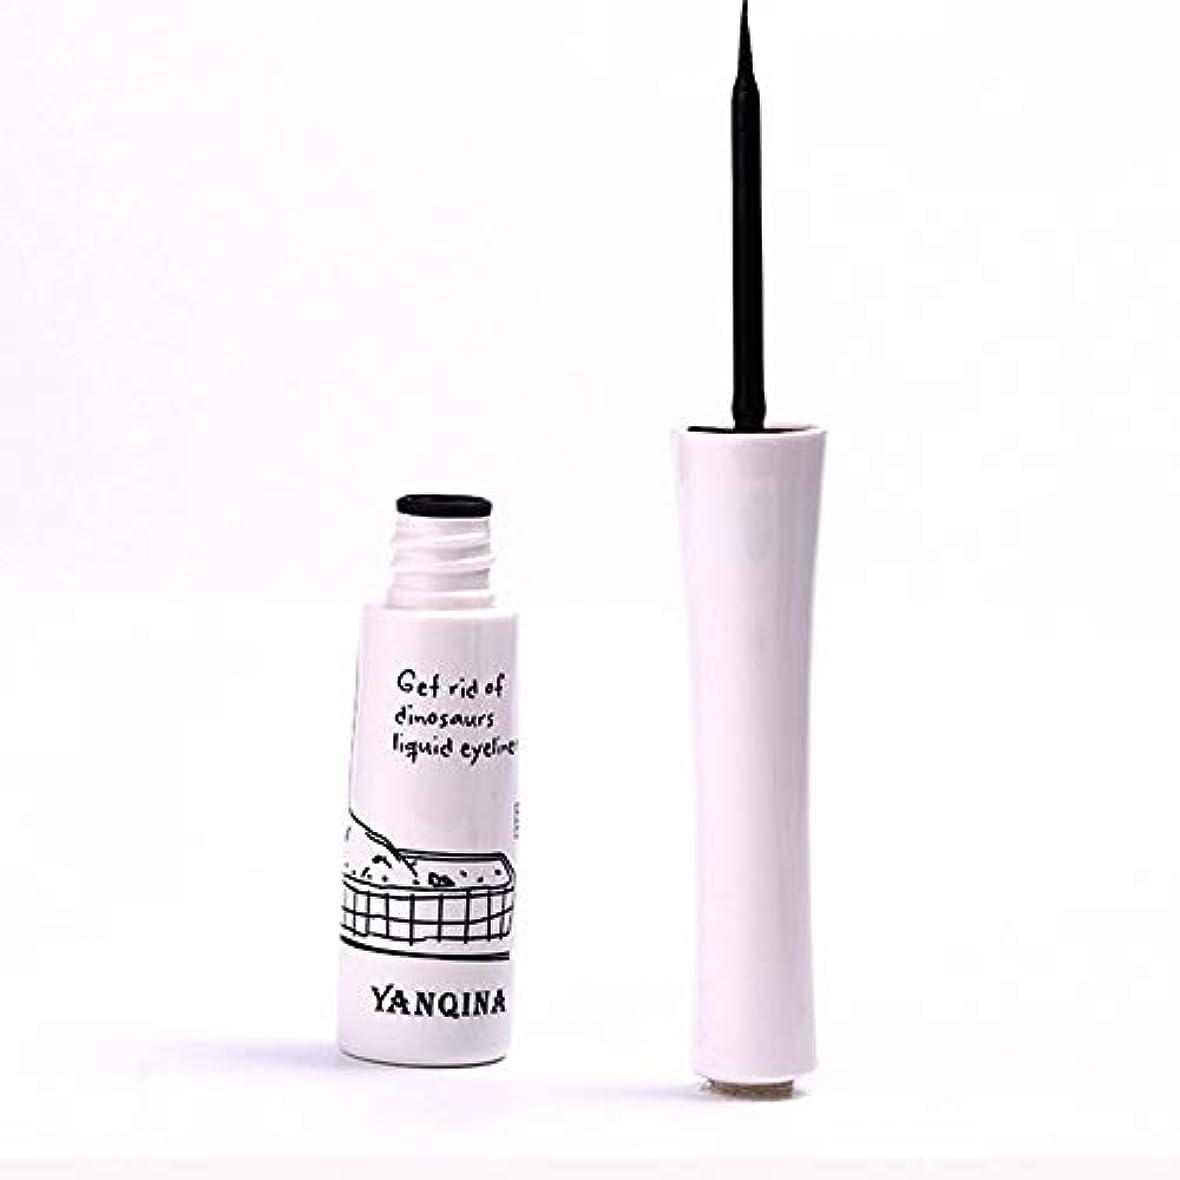 交通渋滞支払う芸術黒いアイライナーの防水液体のアイライナーの鉛筆のペンは特徴を構成します